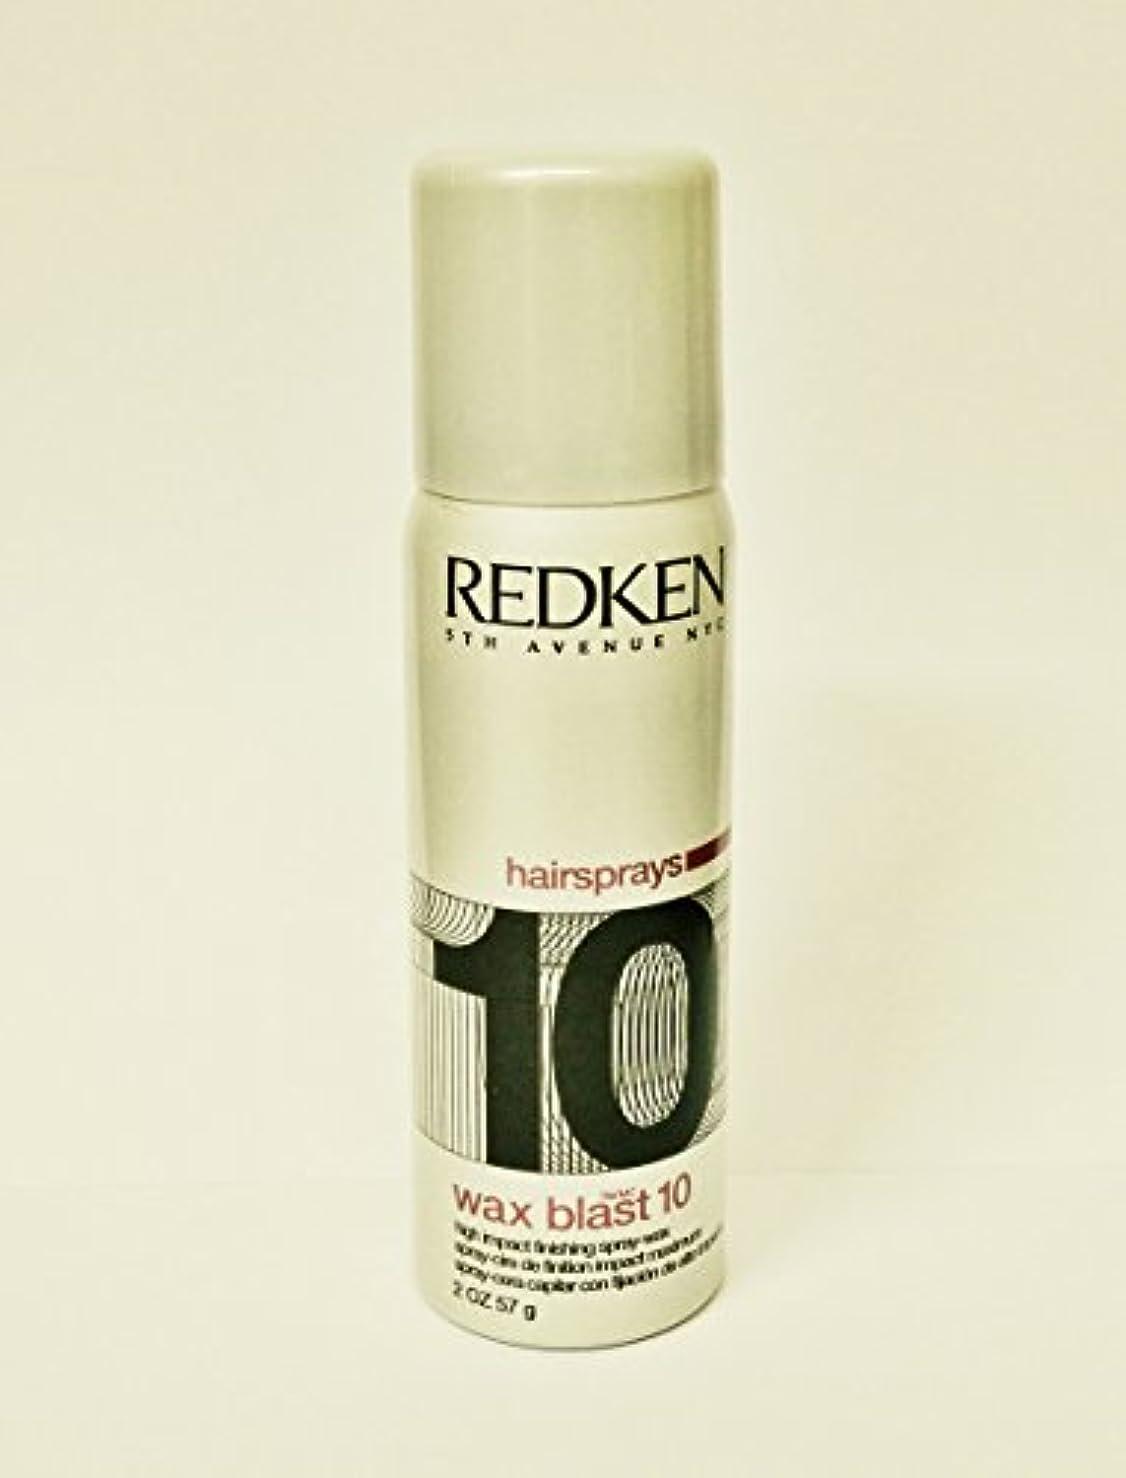 絶対のコンペ微視的REDKEN レッドケンワックスブラスト10仕上げスプレーワックス2オンス 2オンス